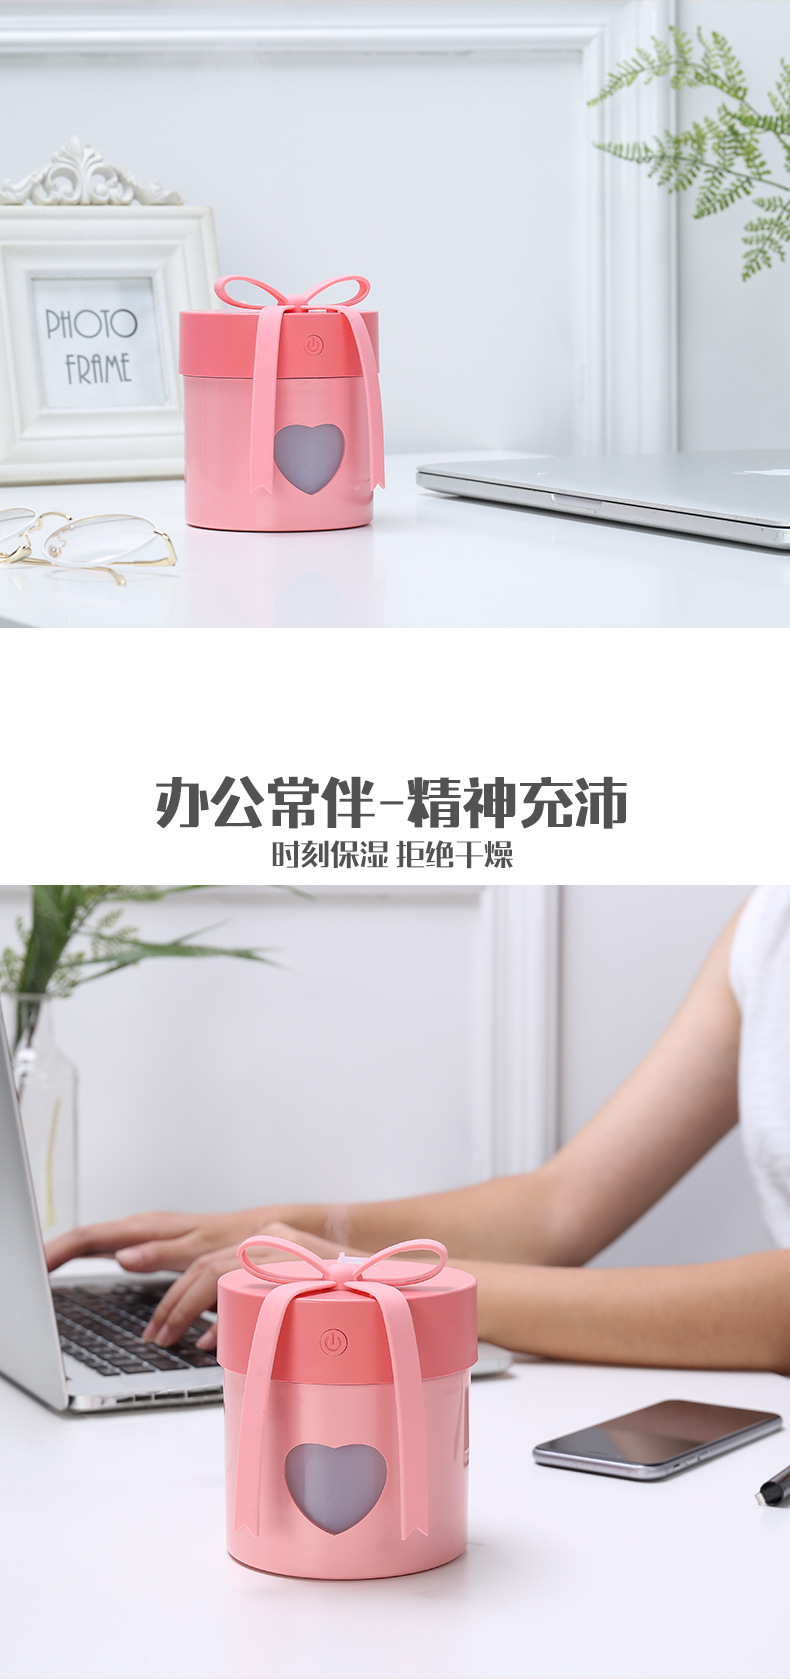 礼盒加湿器详情_07.jpg